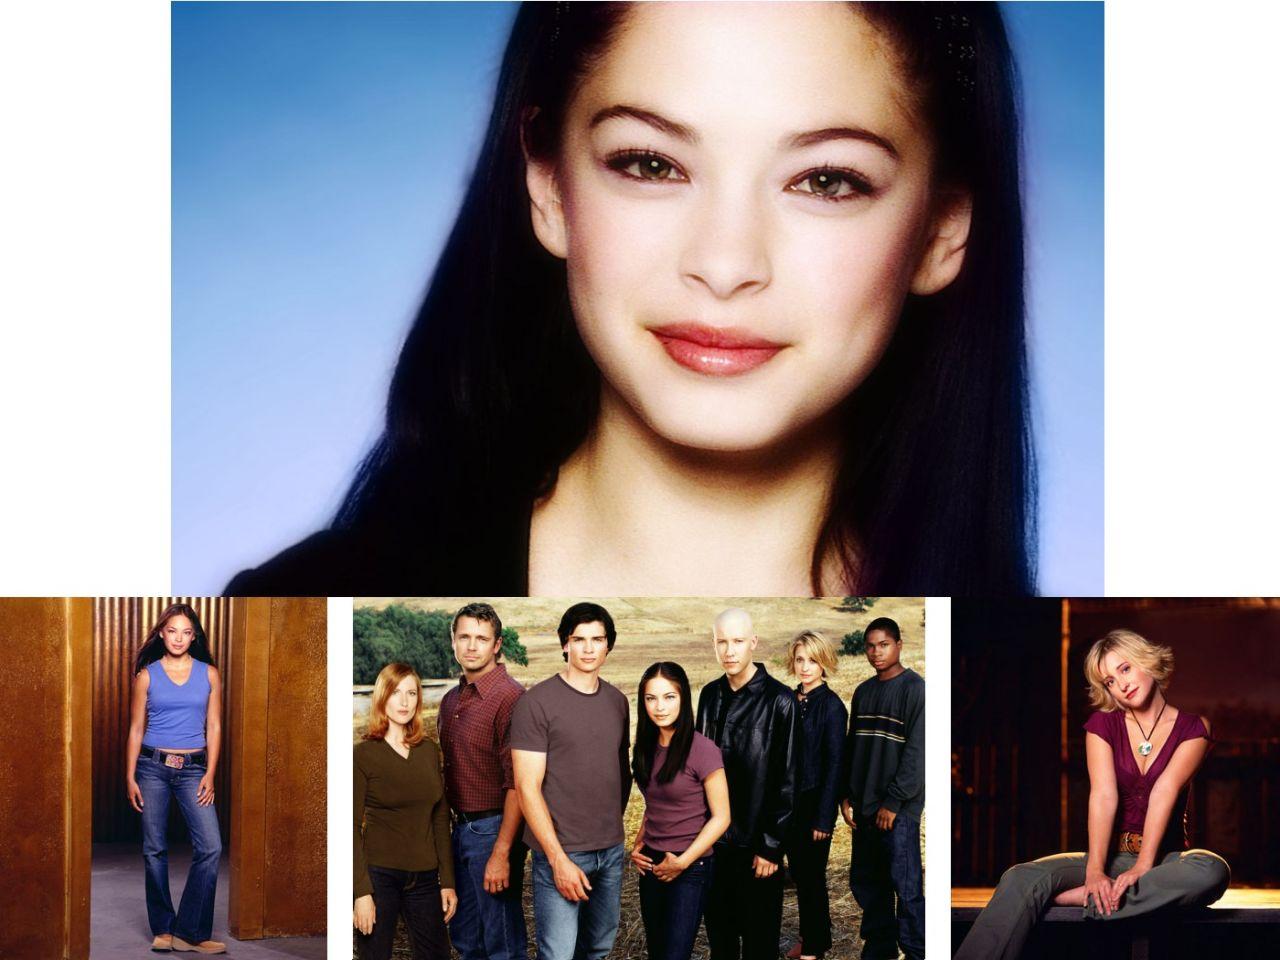 Smallville Cast Collage Wallpaper 1280x960